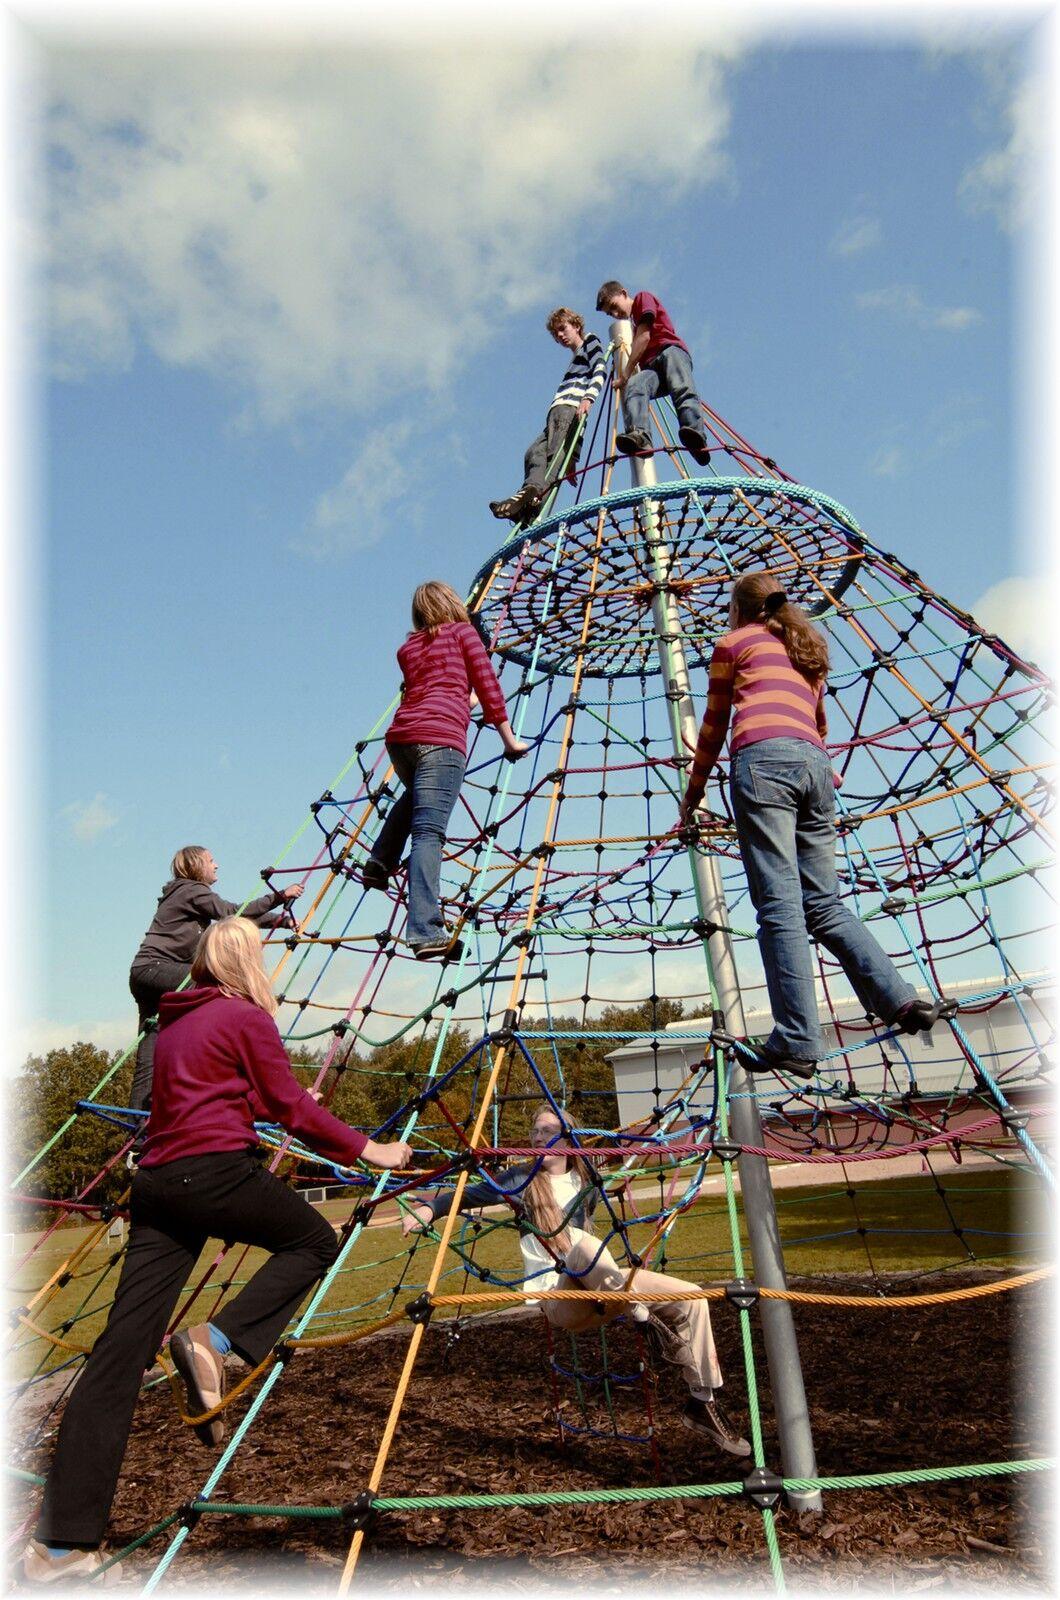 Kletterpyramide Klettergerüst Spielturm Kletterturm 6,50 m Spielplatz öffentlich